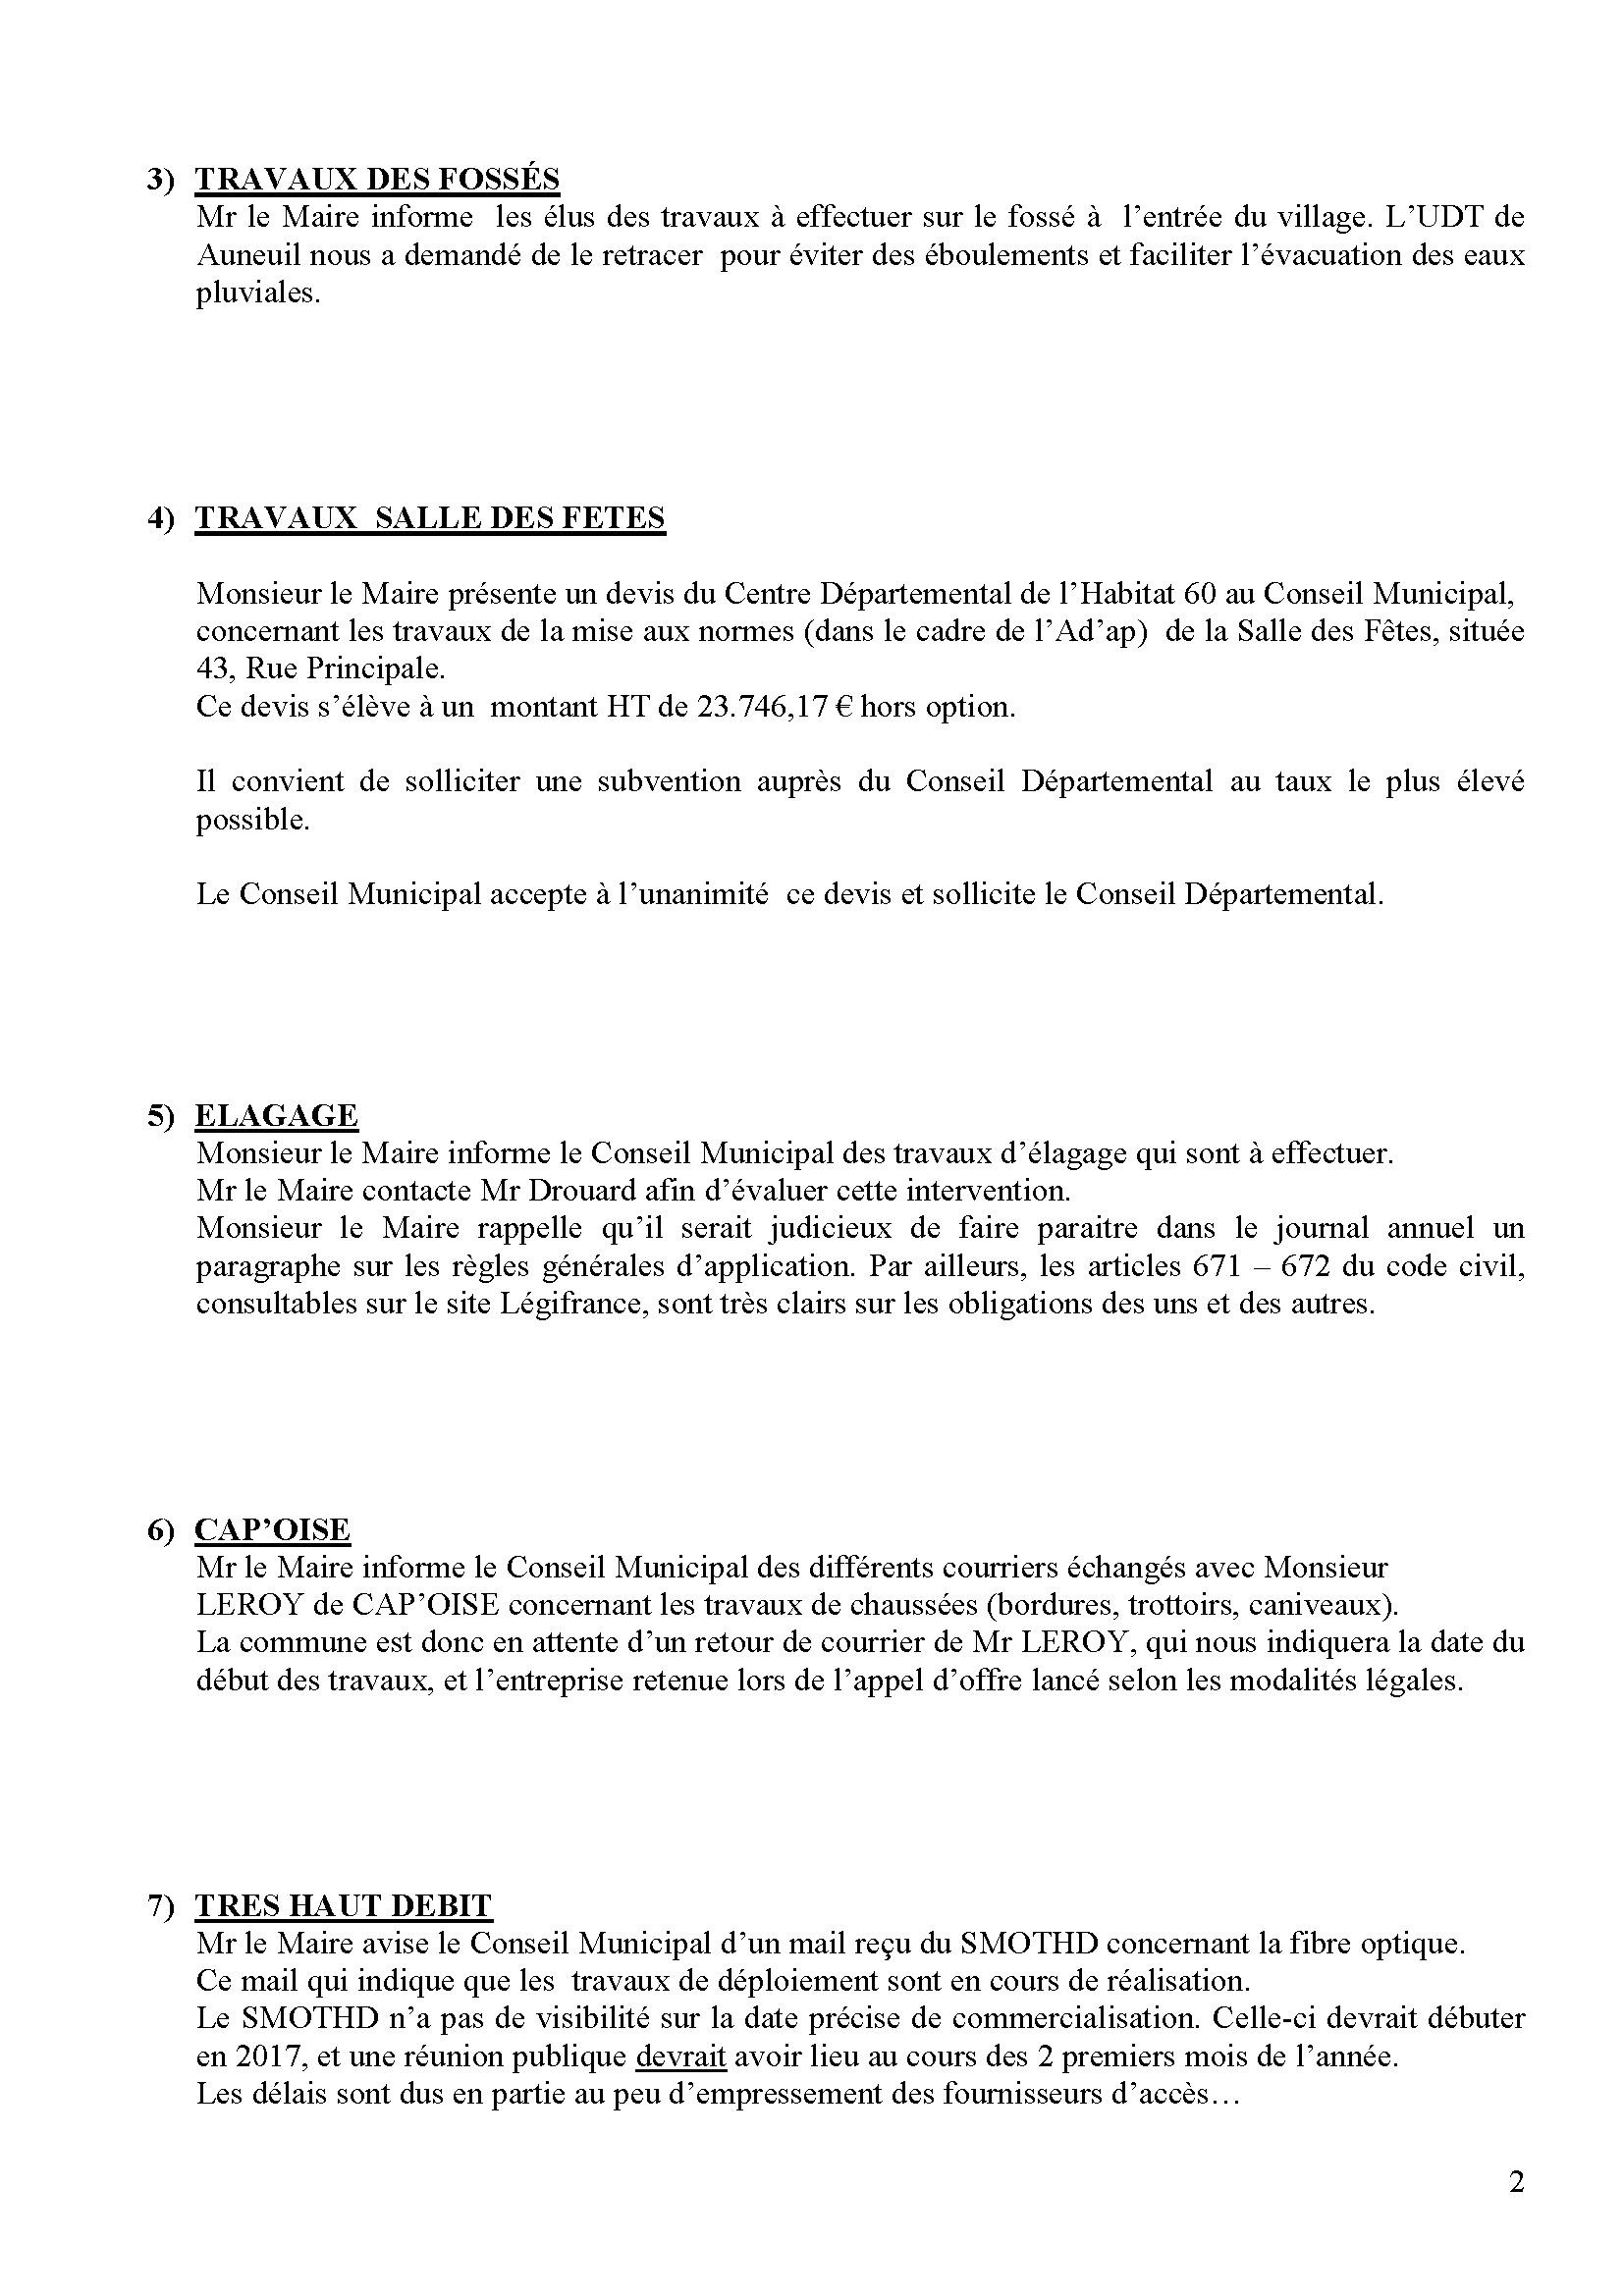 cr-du-25112016-page-2